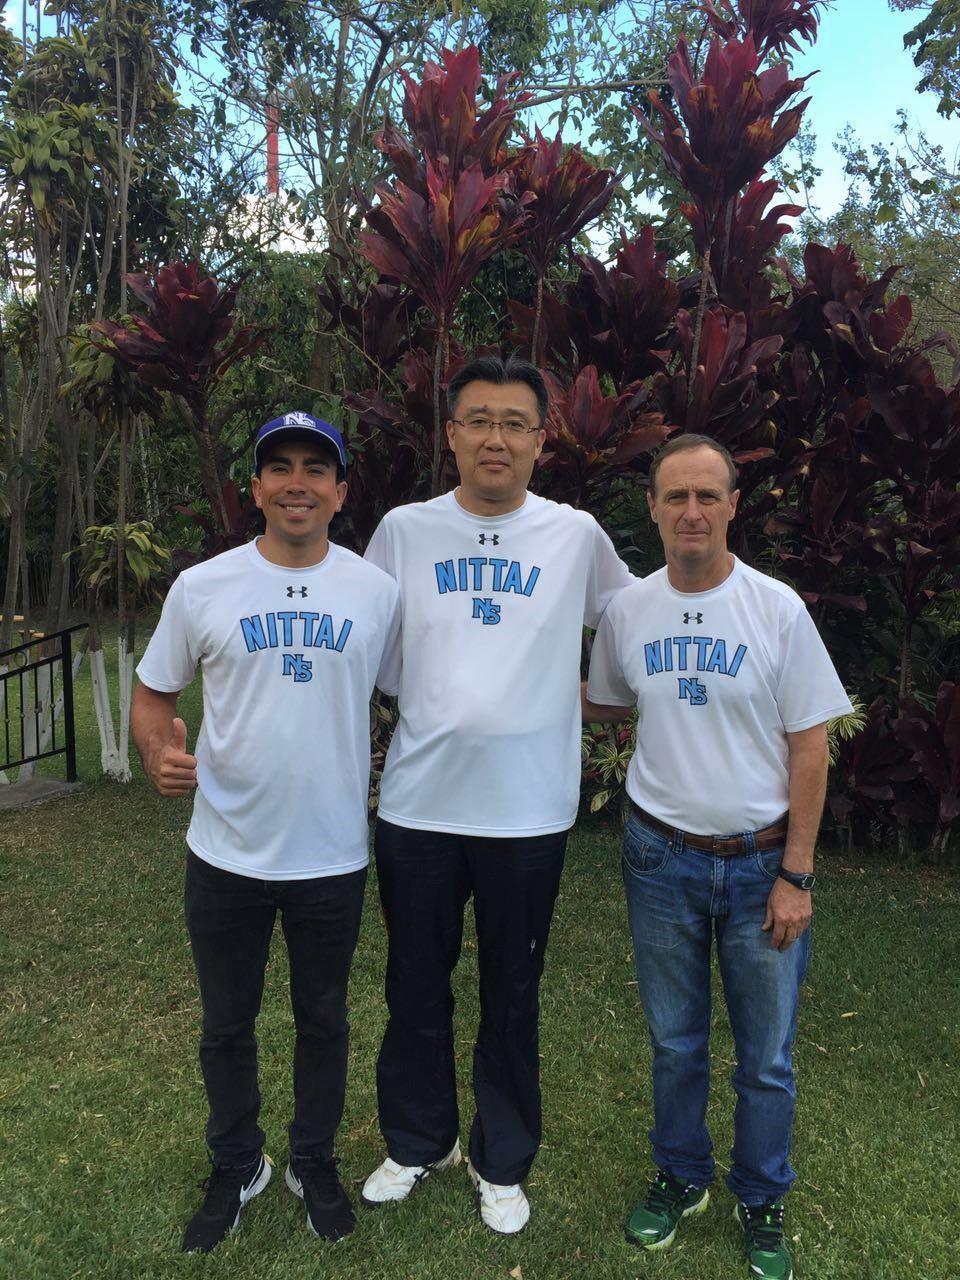 JIRO KURODA: EL VOLUNTARIO JAPONÉS QUE DEJÓ PARTE DE SU CORAZÓN EN COSTA RICA